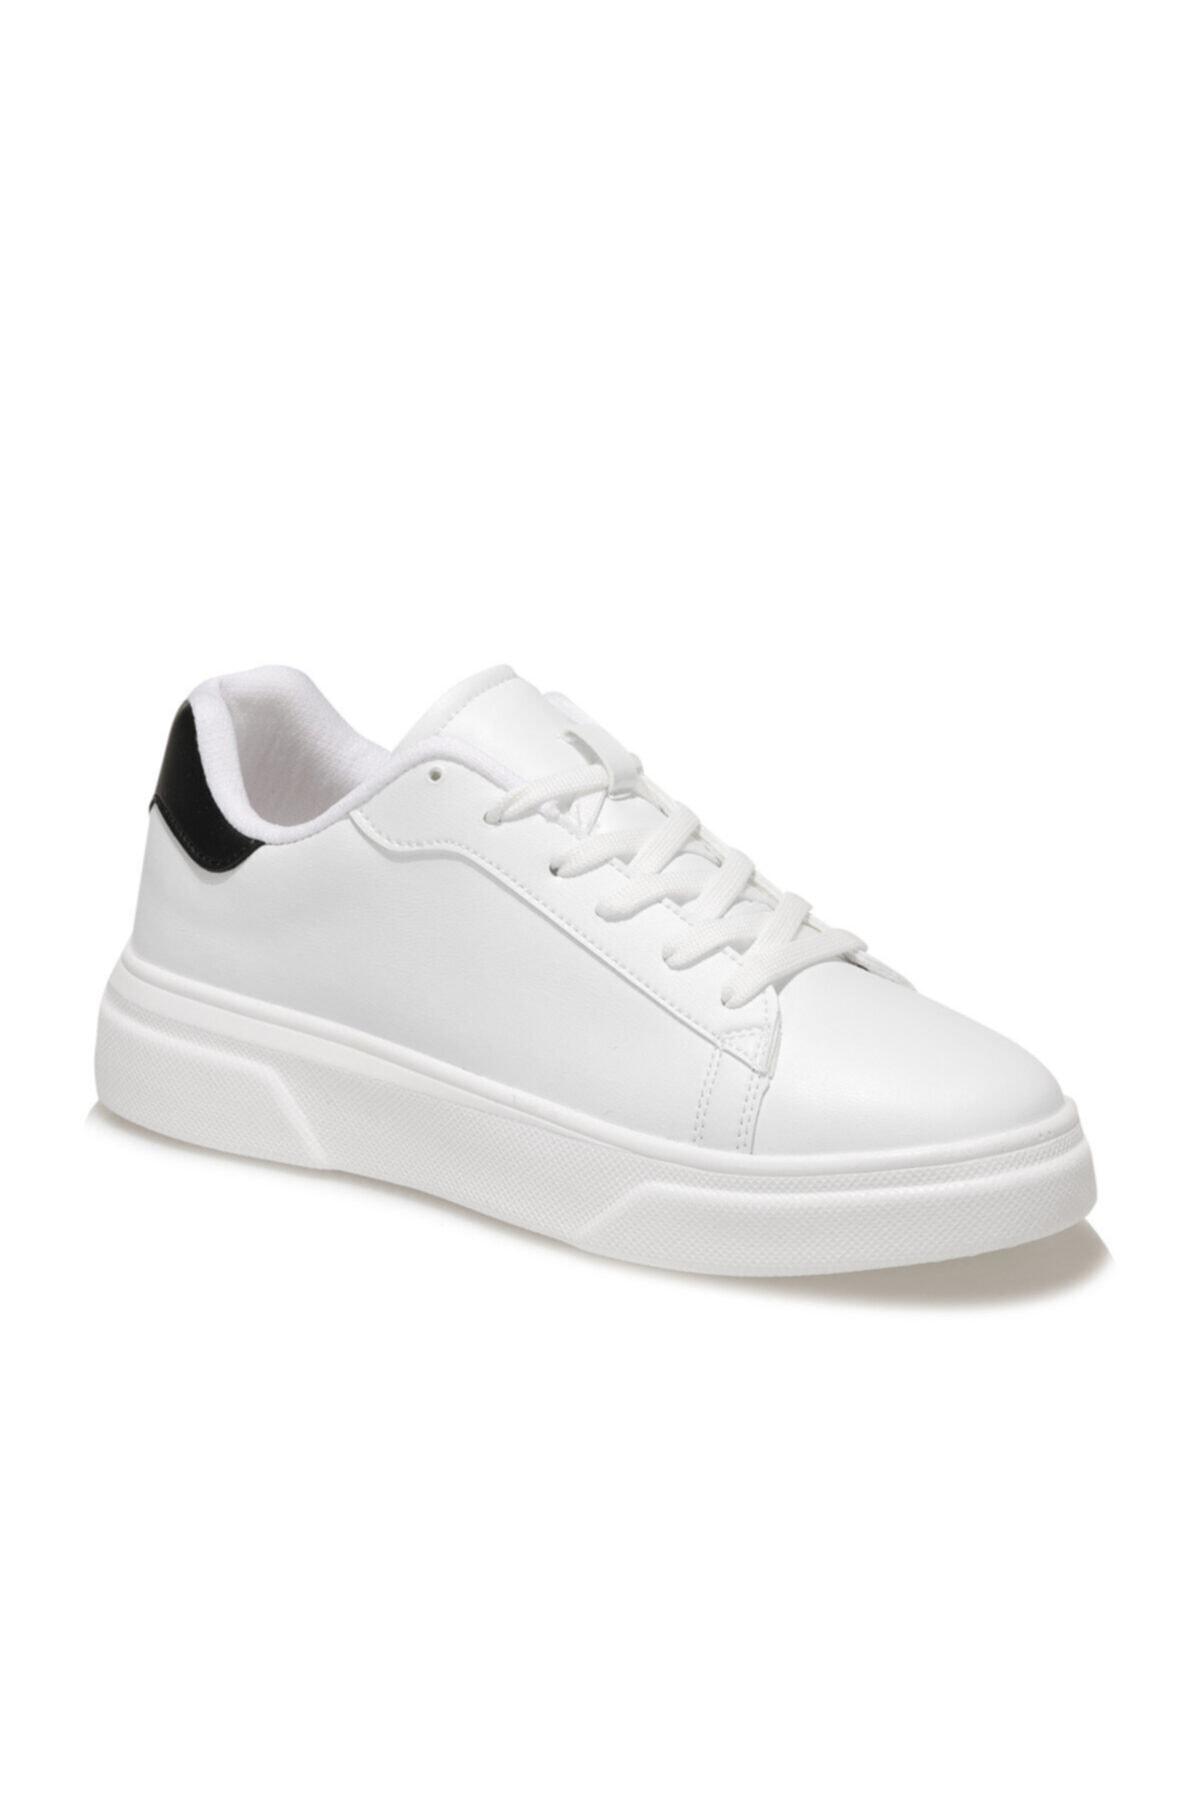 Torex LEO 1FX Beyaz Erkek Sneaker Ayakkabı 101018257 1